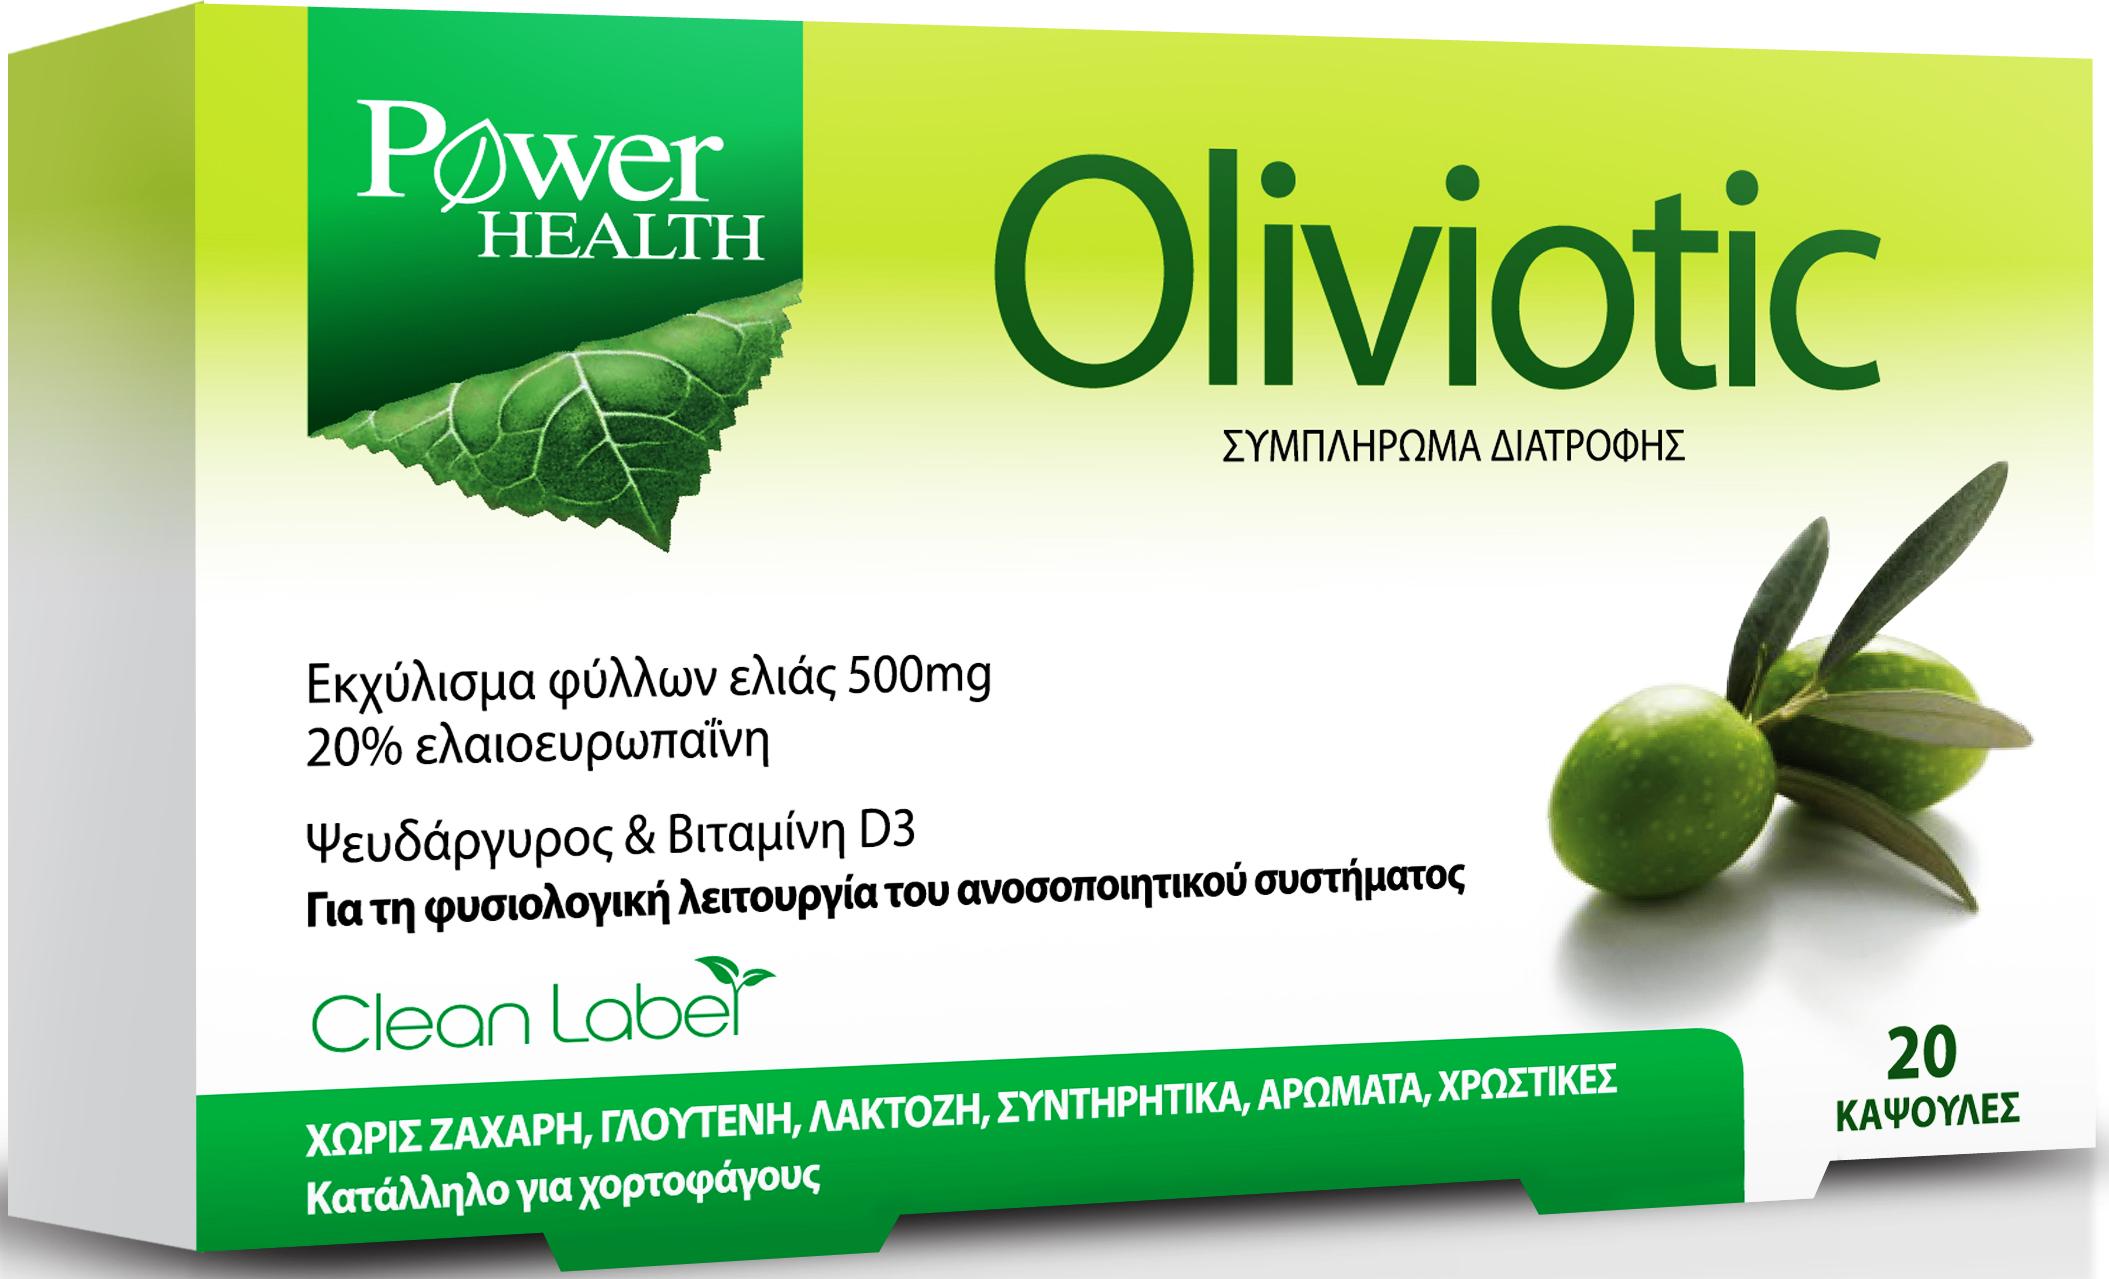 Power Health Oliviotic, 20 Κάψουλες